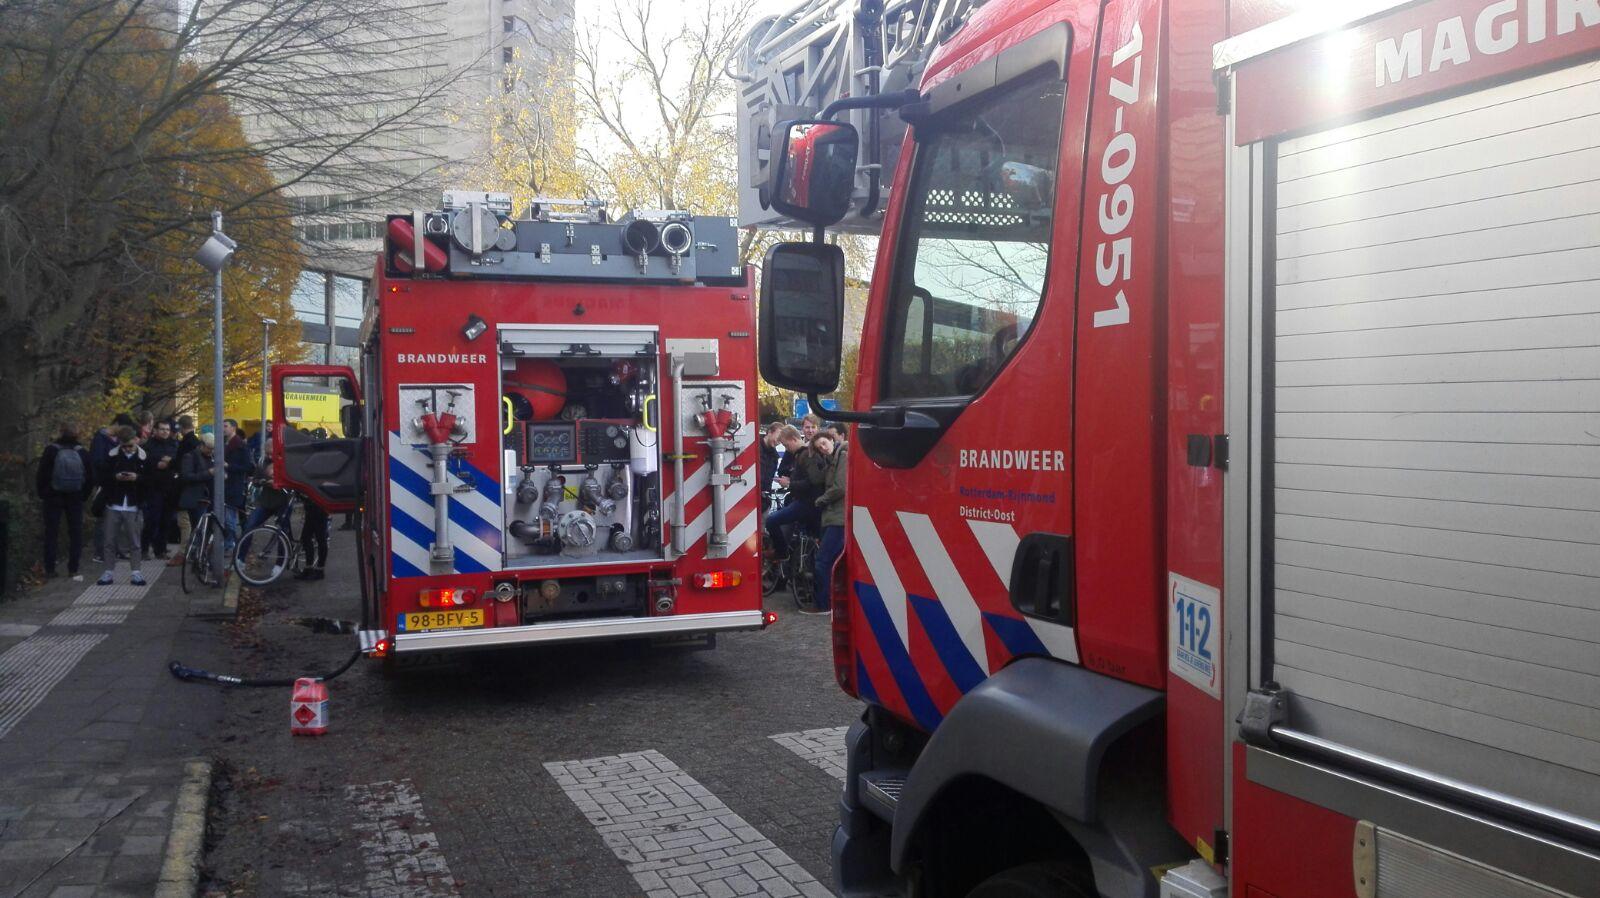 brandweer-g-gebouw